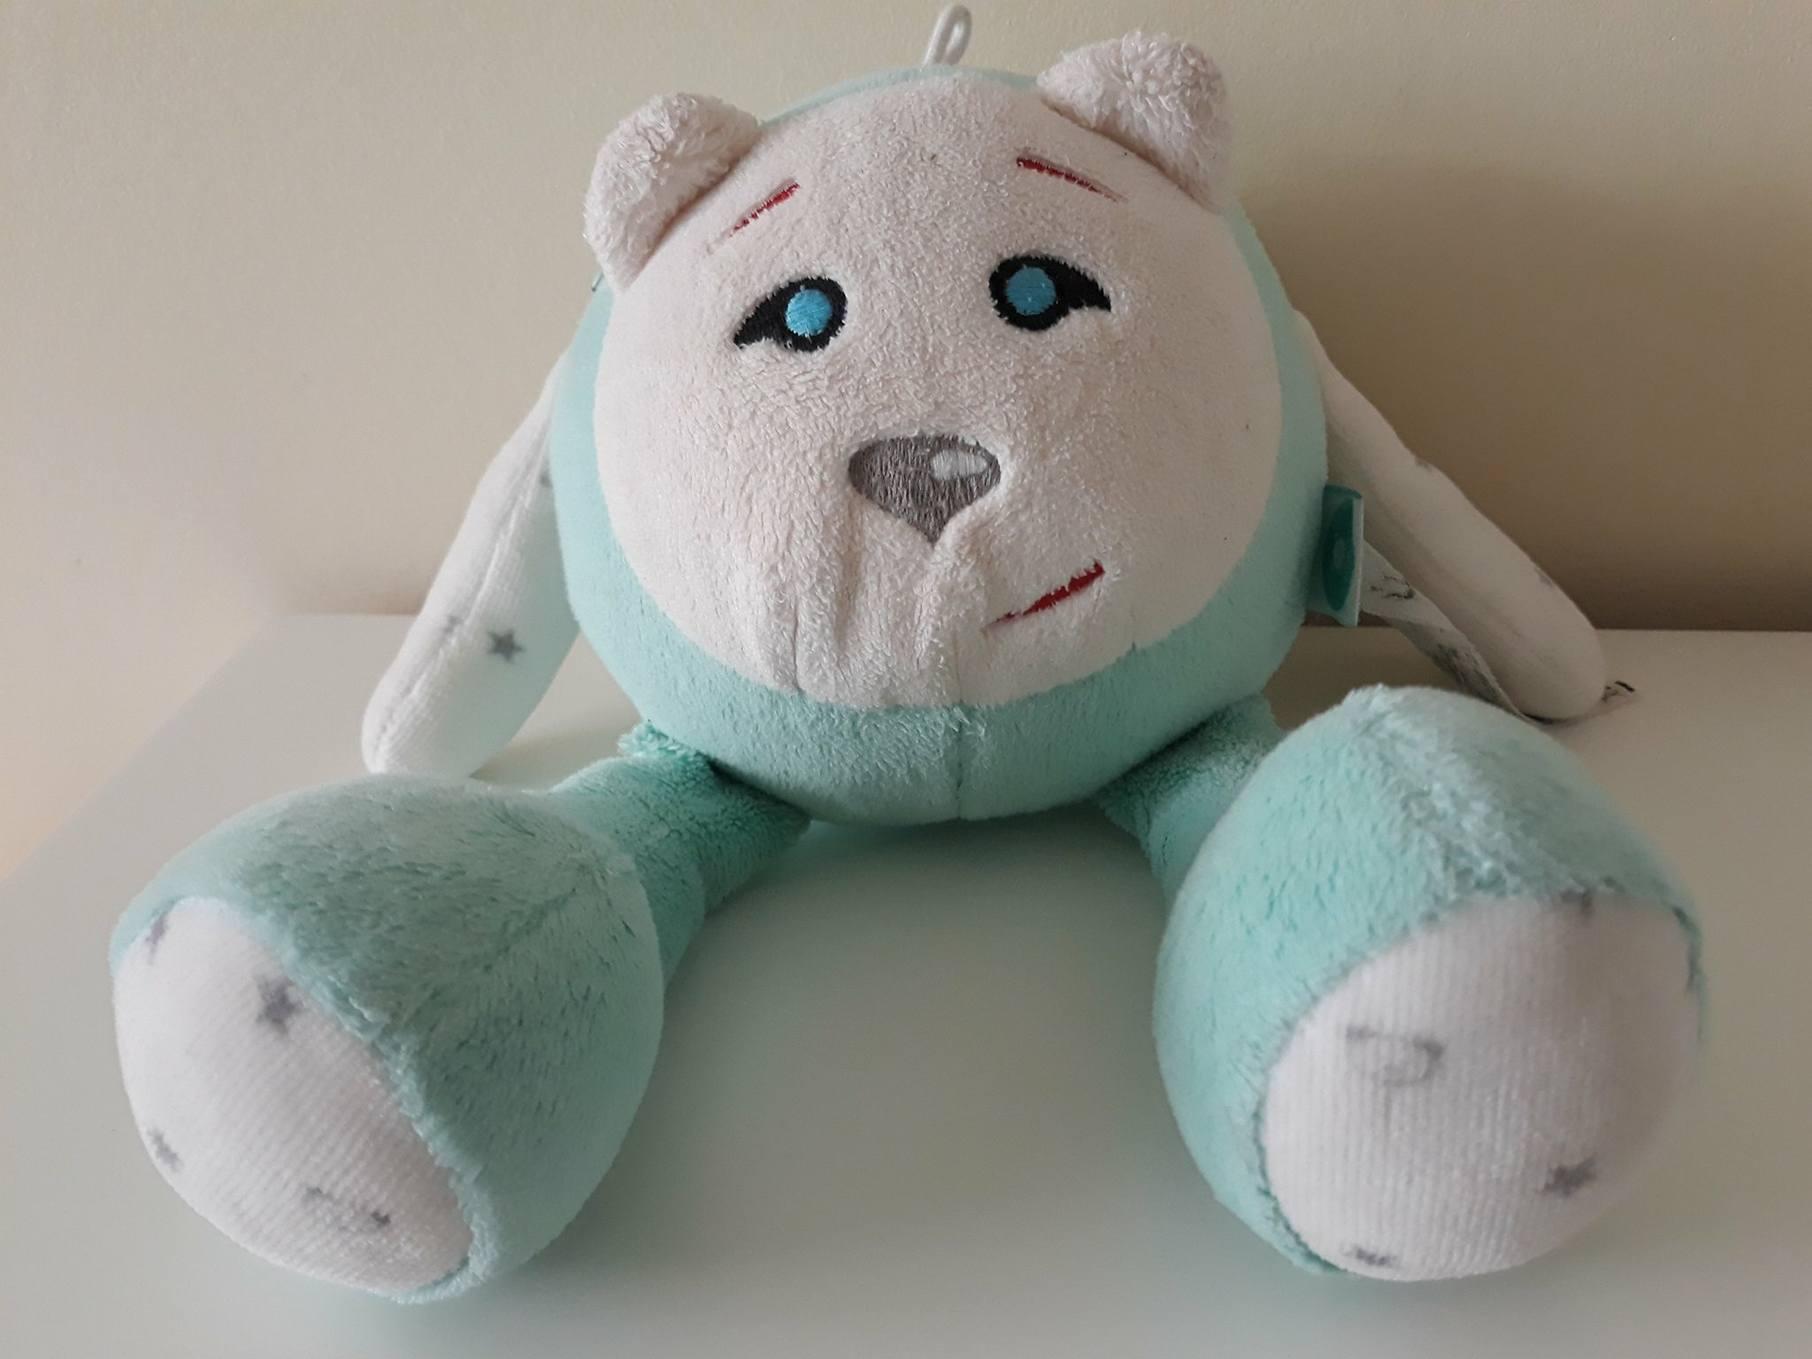 Szumiś zabawka wspierająca sen dziecka.